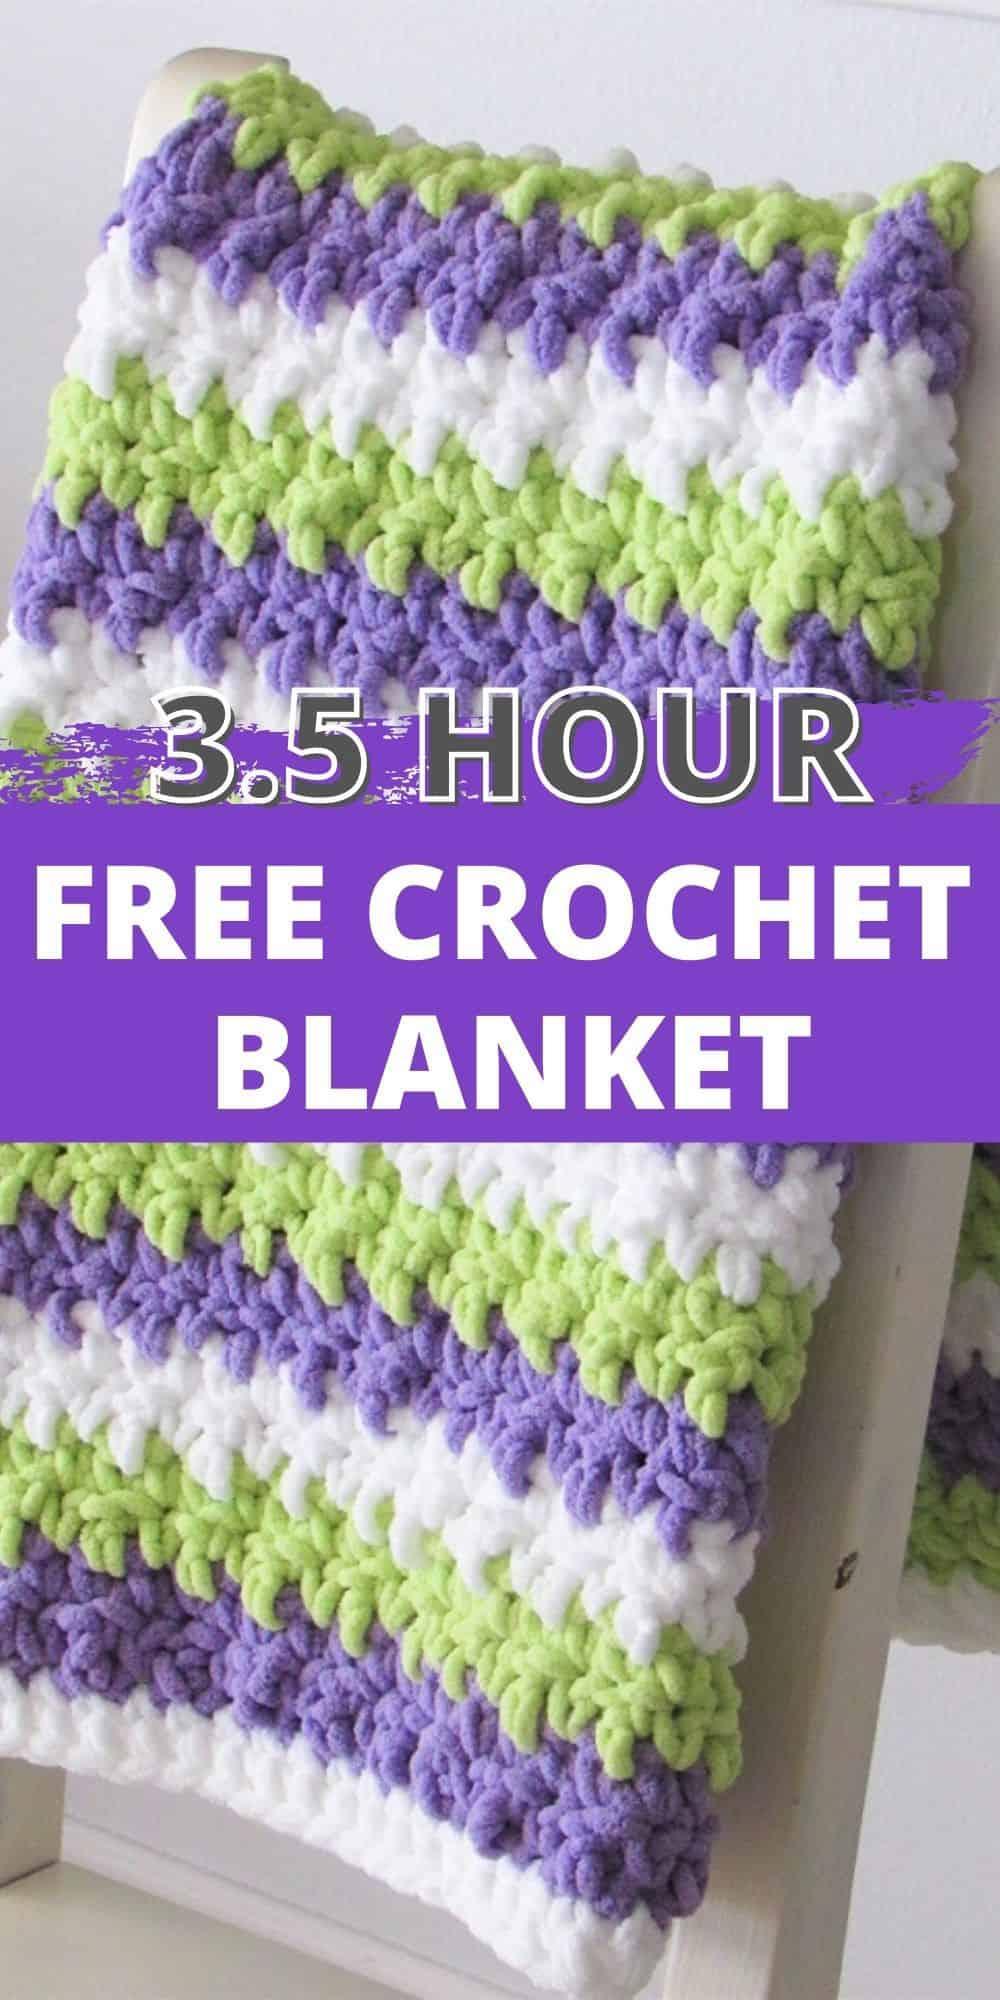 3.5 Hour Free Crochet Blanket Pattern